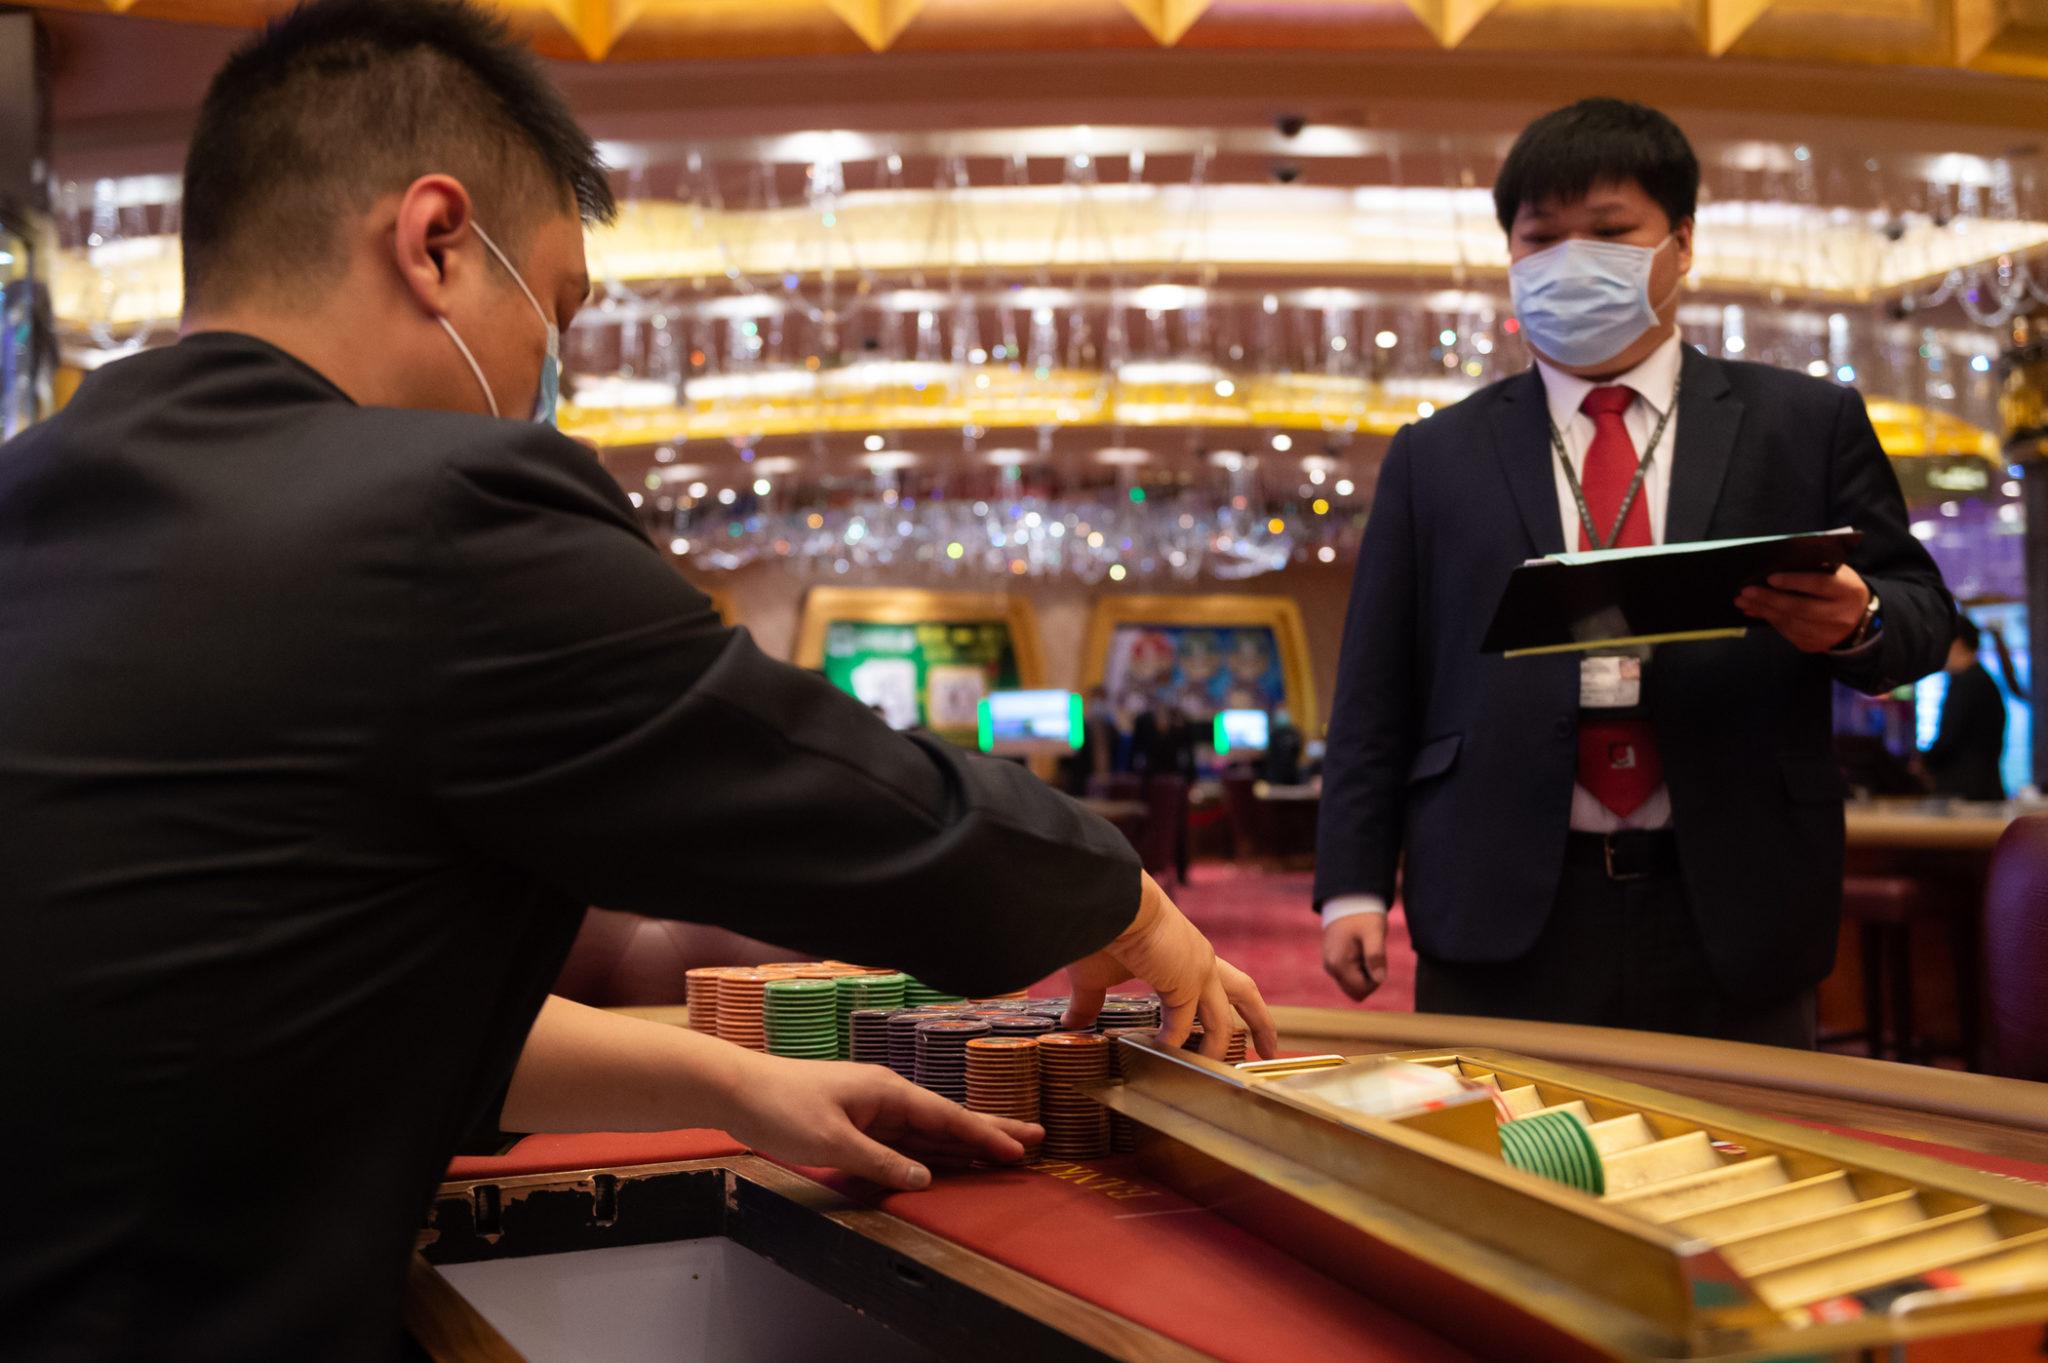 Jogo | Empregados do sector preocupados com perspectivas de desemprego